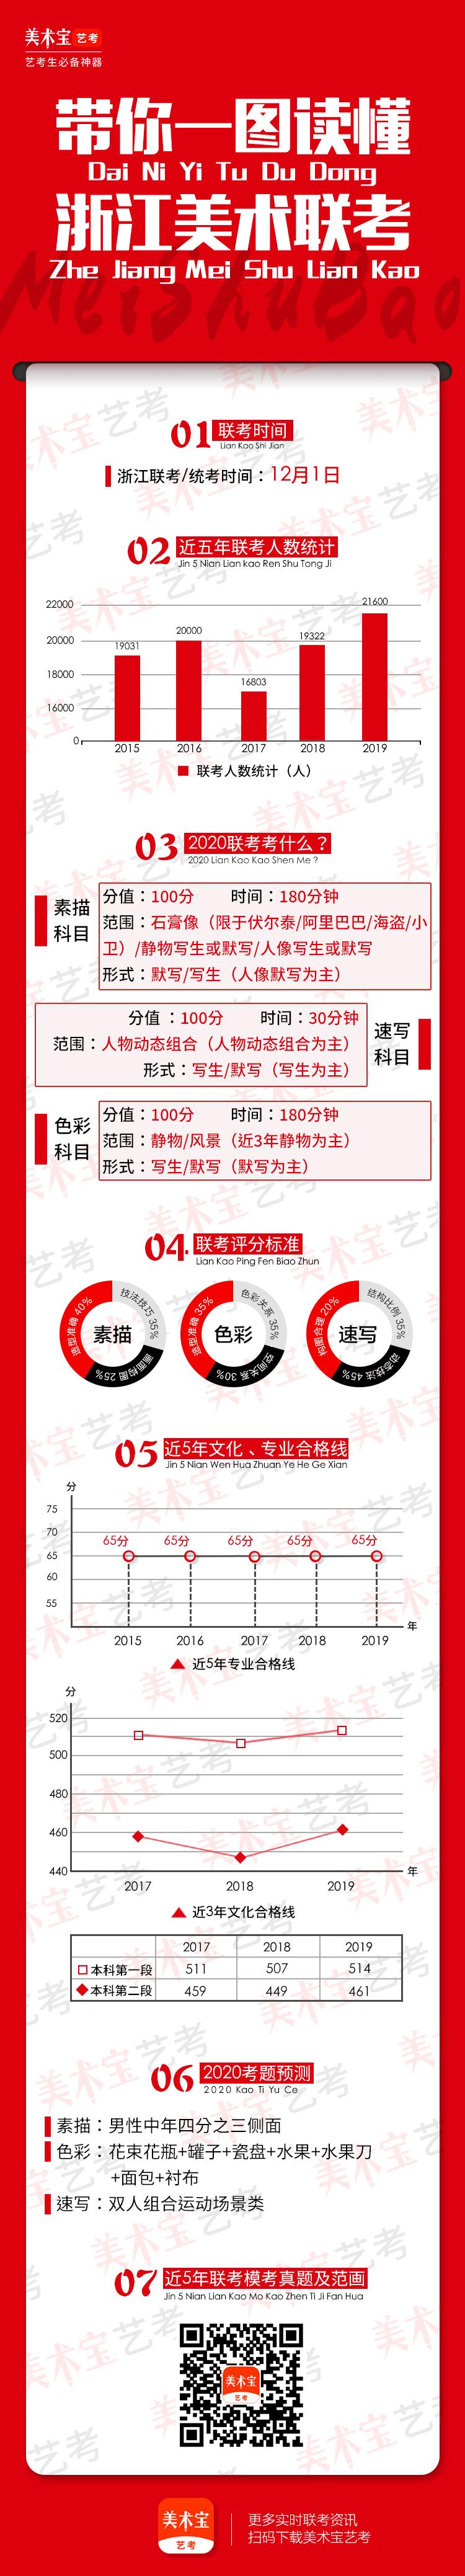 20届浙江一图.png